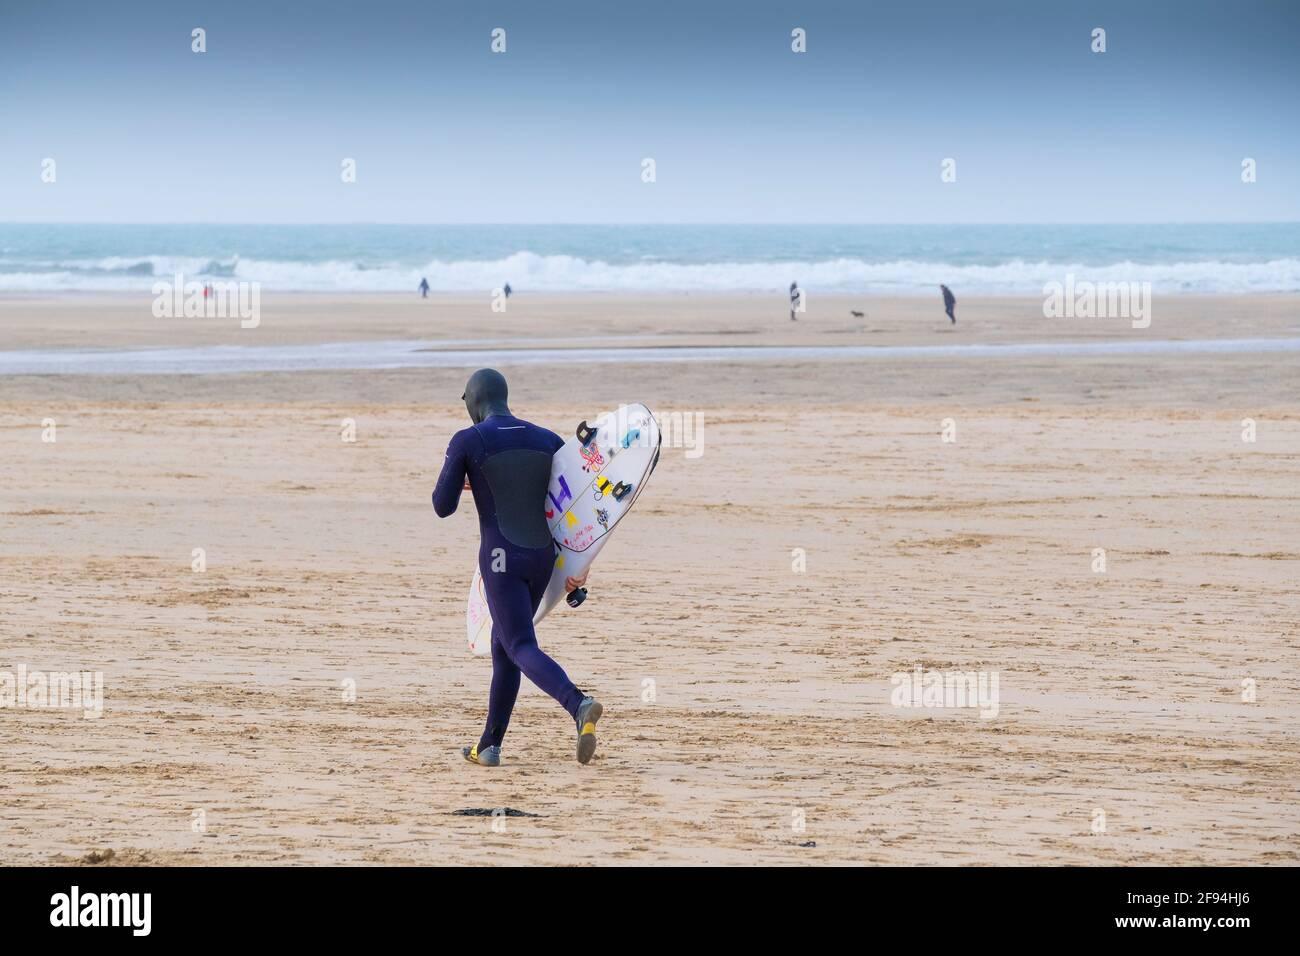 Un surfeur transportant sa planche de surf et traversant Crantock Beach à Newquay, dans les Cornouailles. Banque D'Images